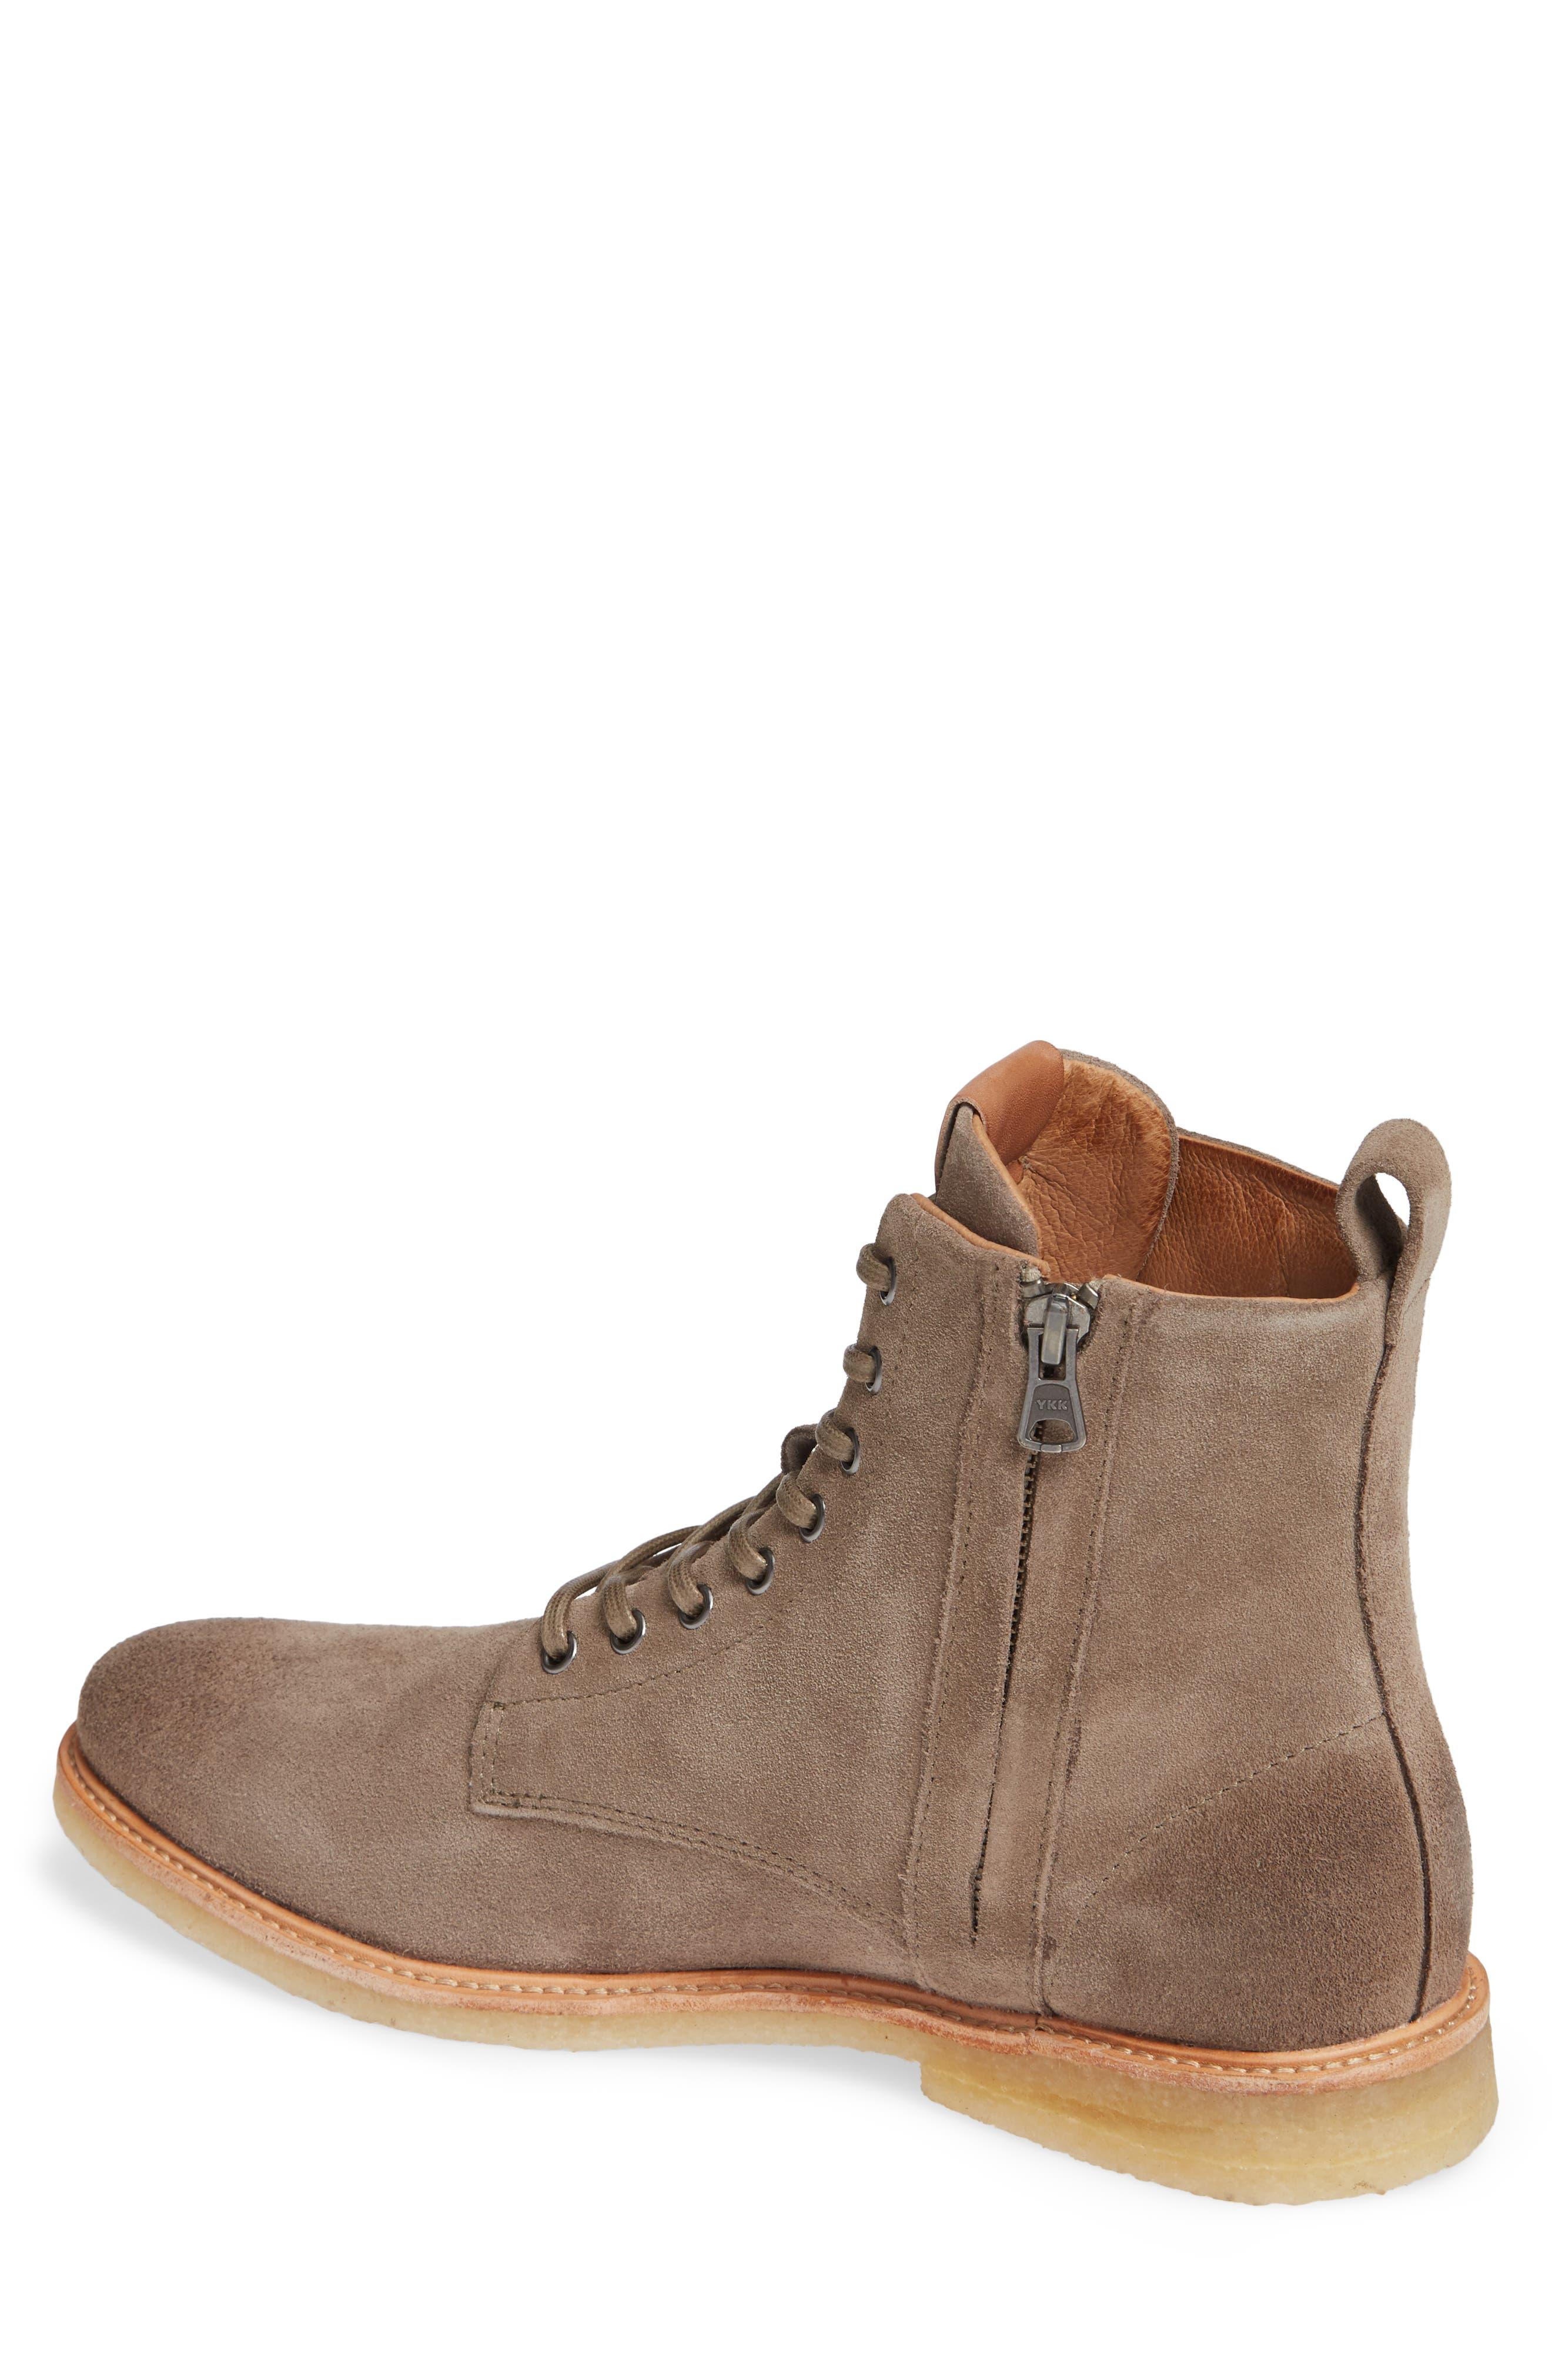 QM23 Plain Toe Boot,                             Alternate thumbnail 2, color,                             GREY